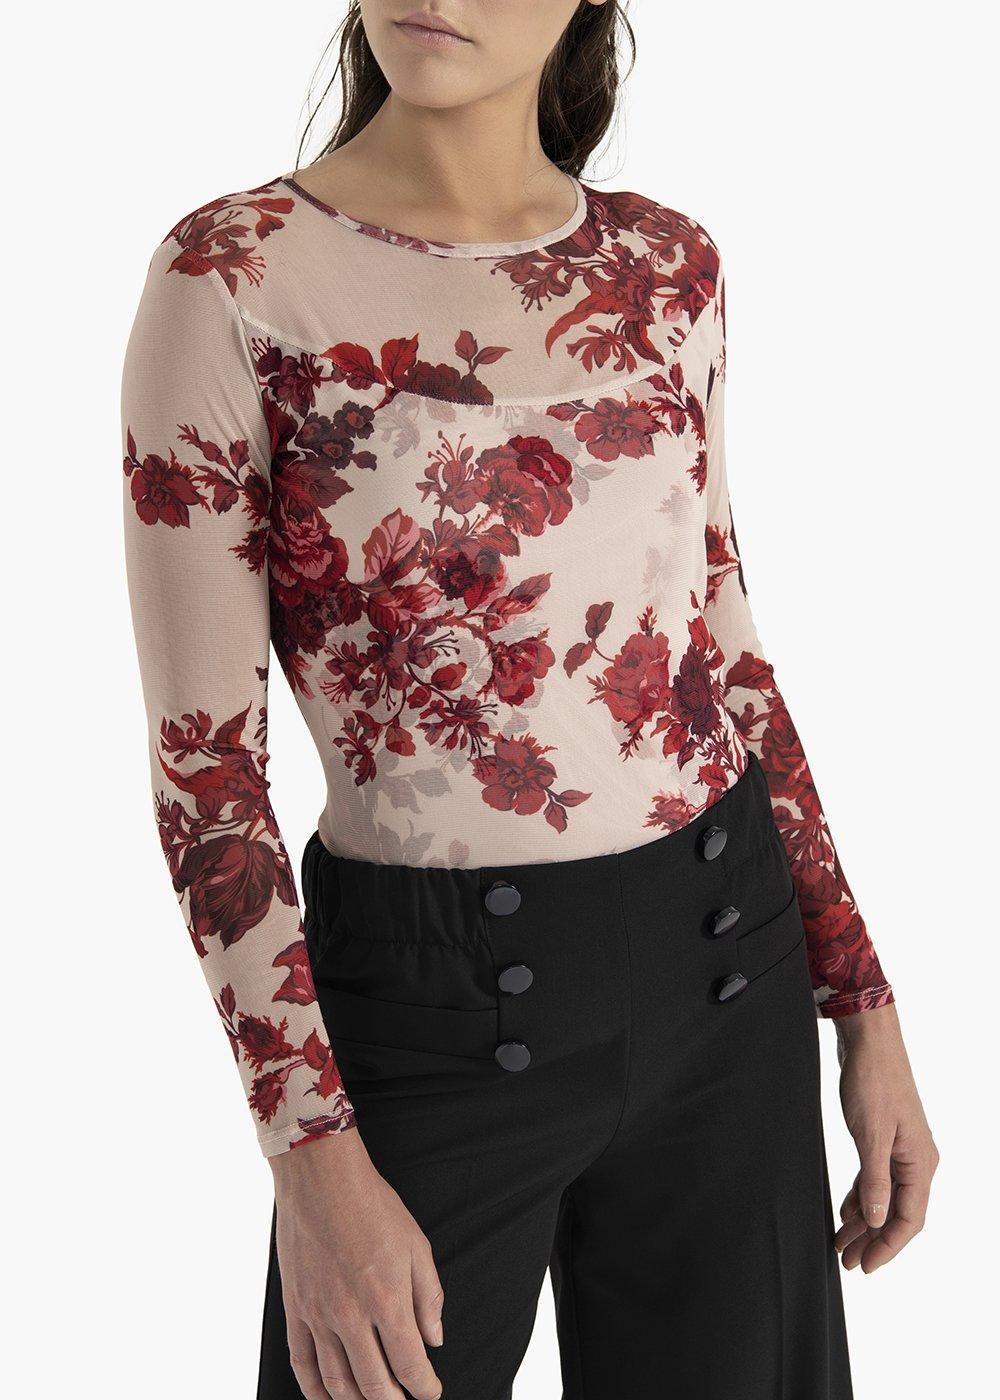 Floral print jersey t-shirt Sofia - Grezzo /  Passione Fantasia - Woman